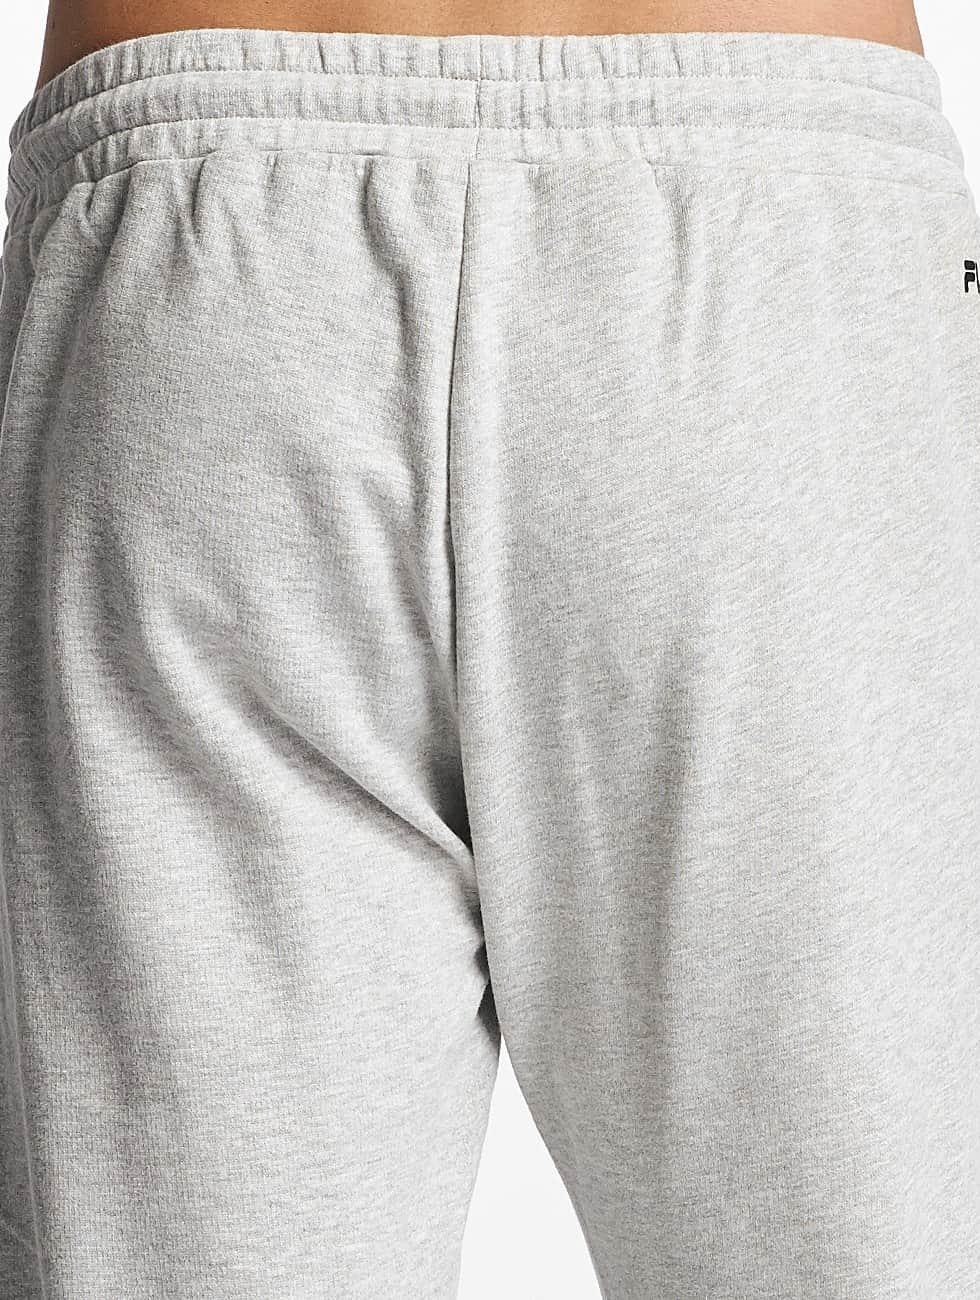 FILA joggingbroek Core Line grijs